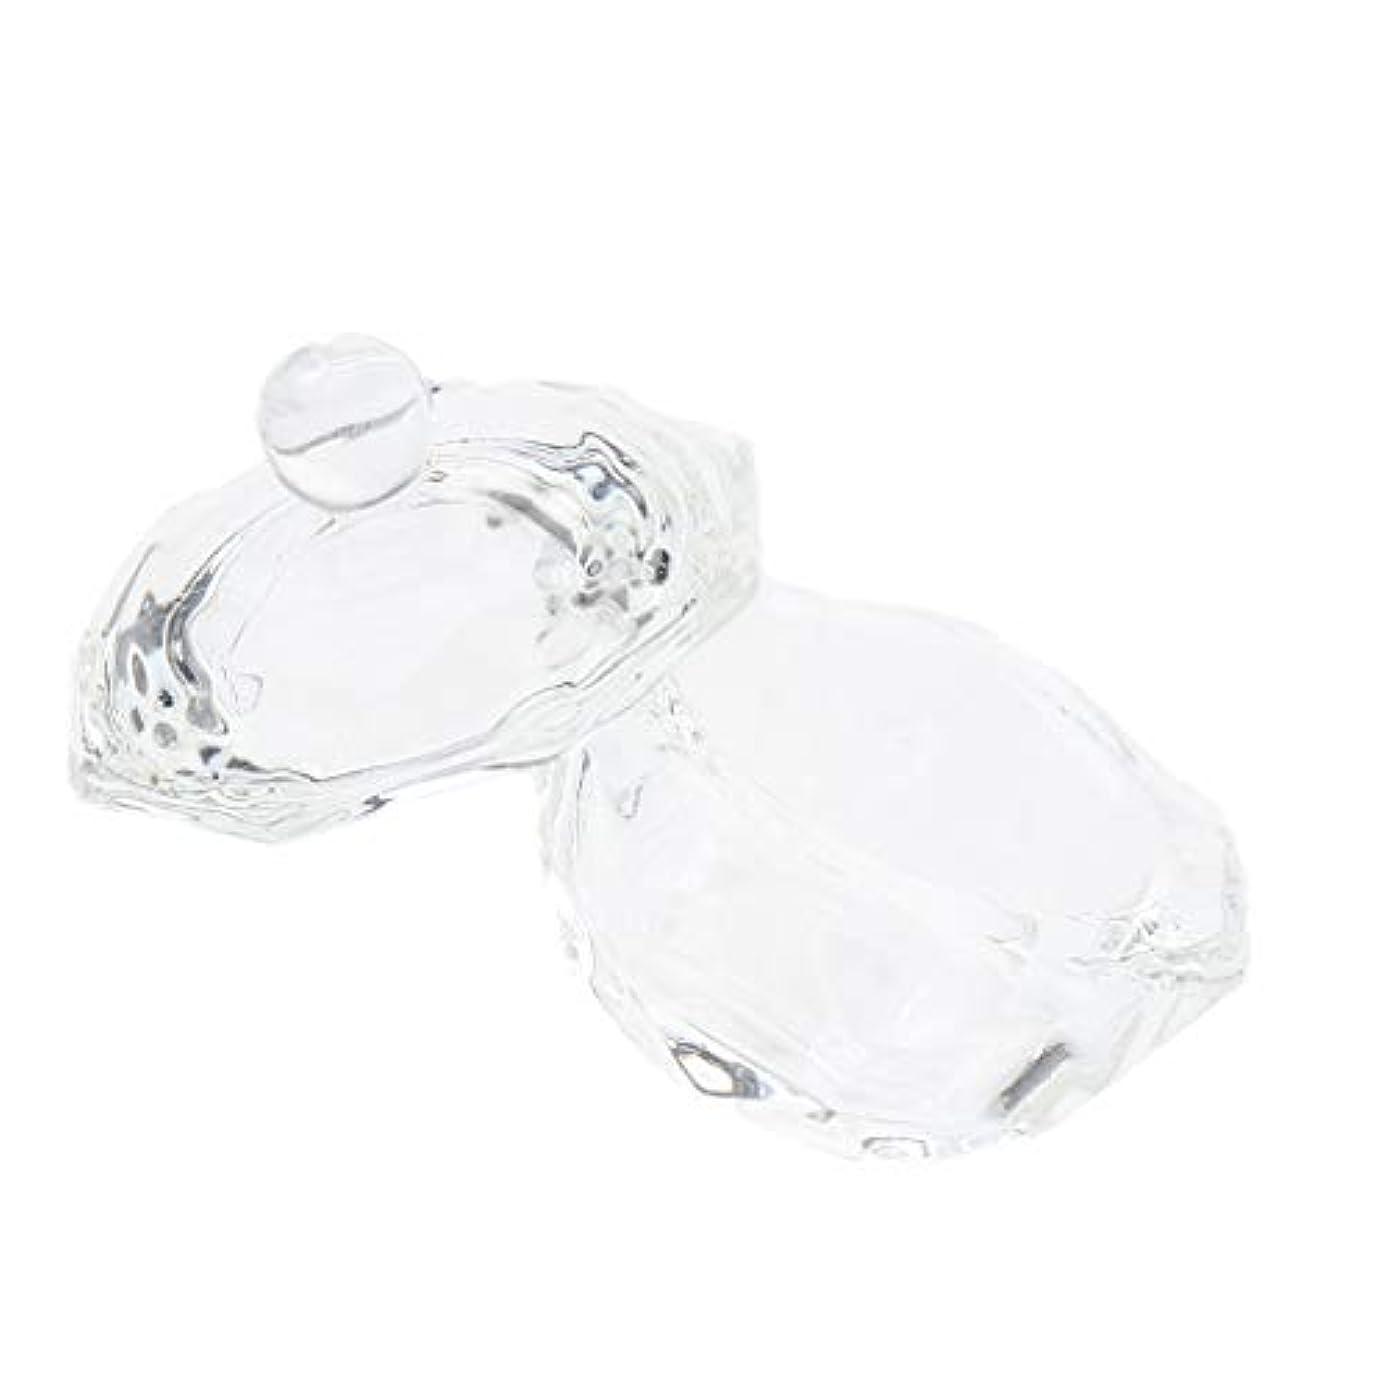 アンプここに不純DYNWAVE ネイルガラス皿 ネイルアートクリスタルカップ グラスカップ ミキシングカップ ネイルアート用品ツール